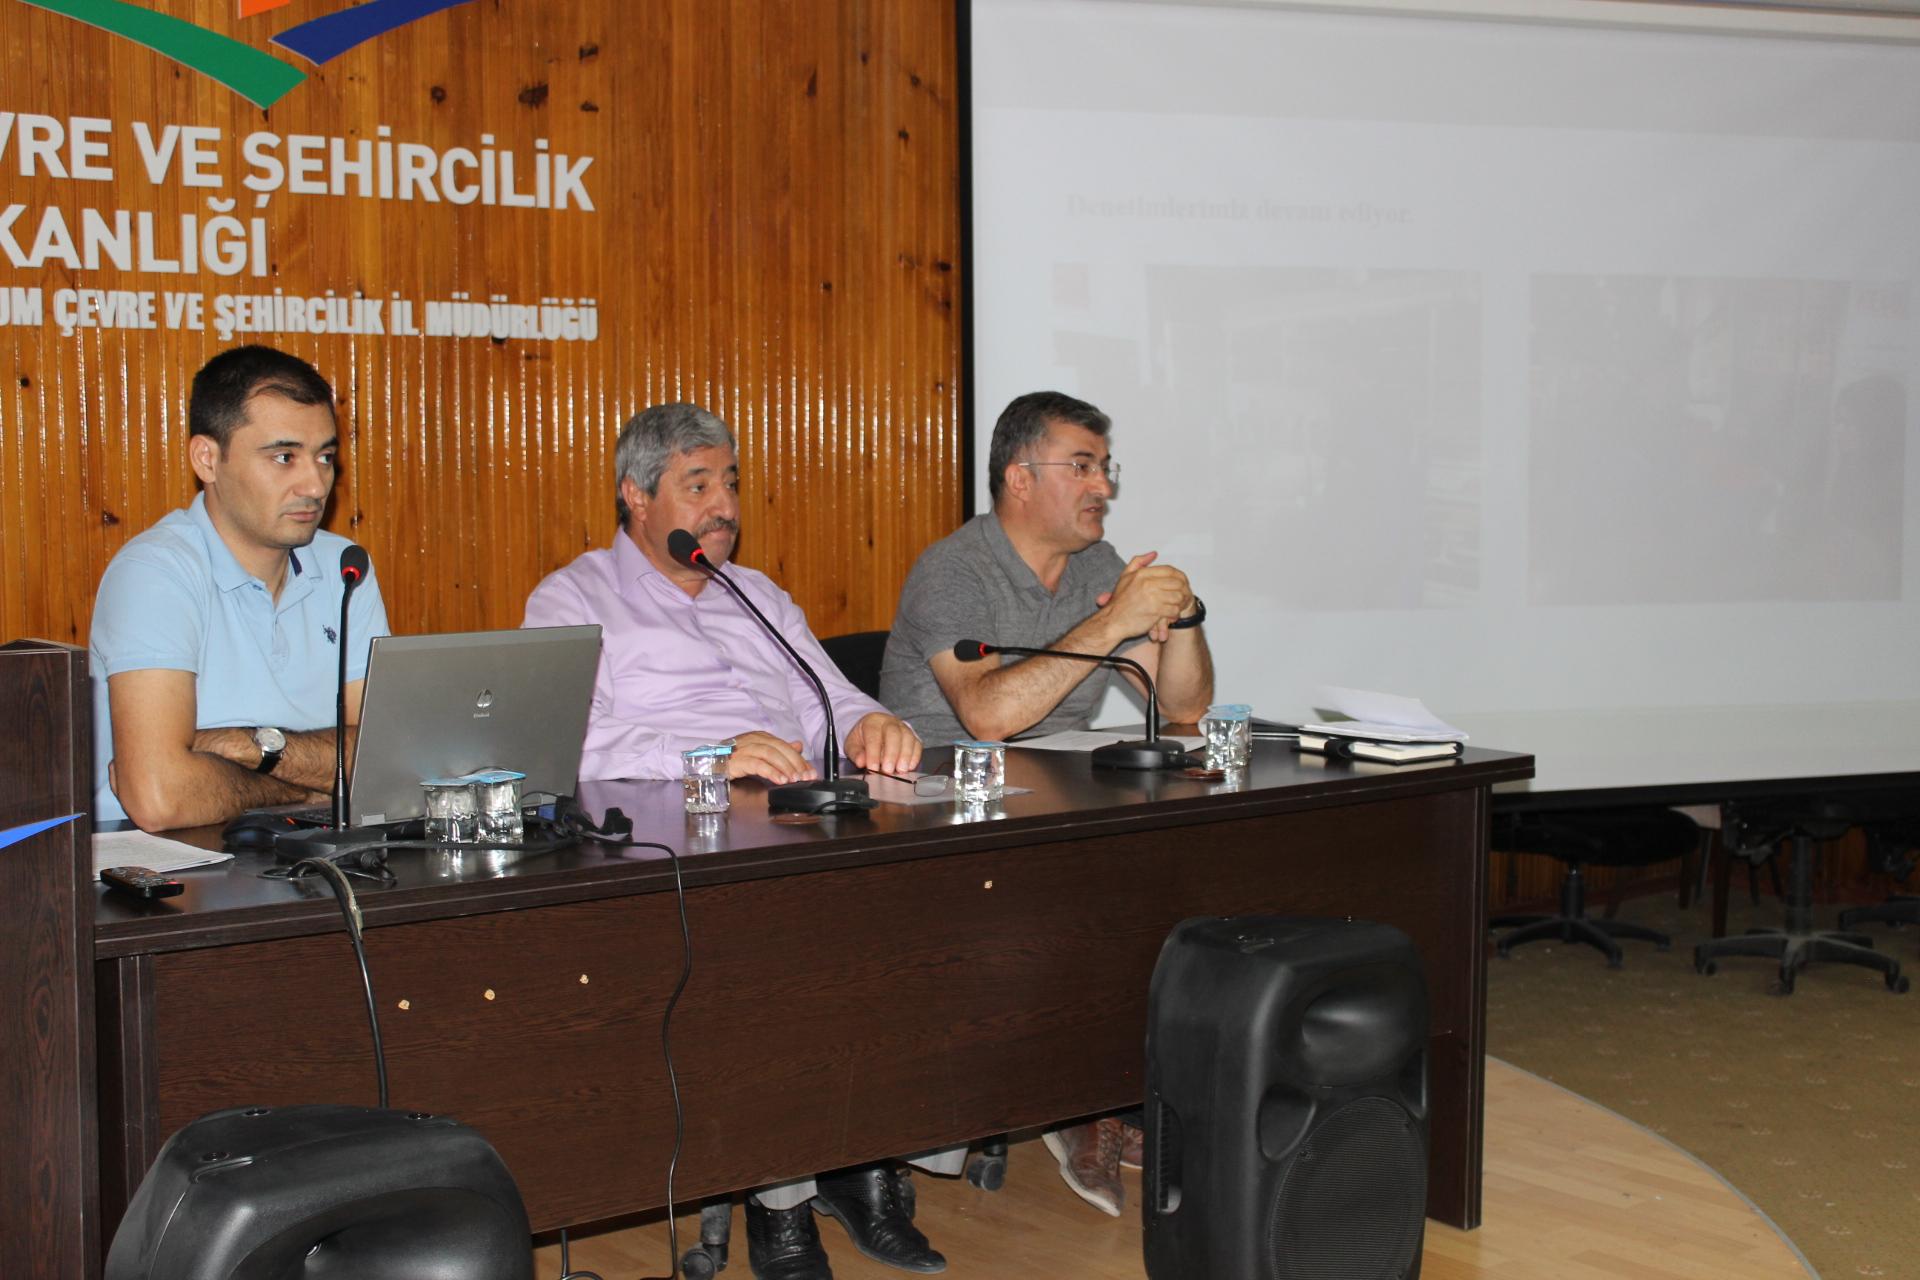 Plastik Poşetlerin Ücretlendirilmesi Kapsamında Satış Noktaları Temsilcileriyle Toplantı Yapıldı.